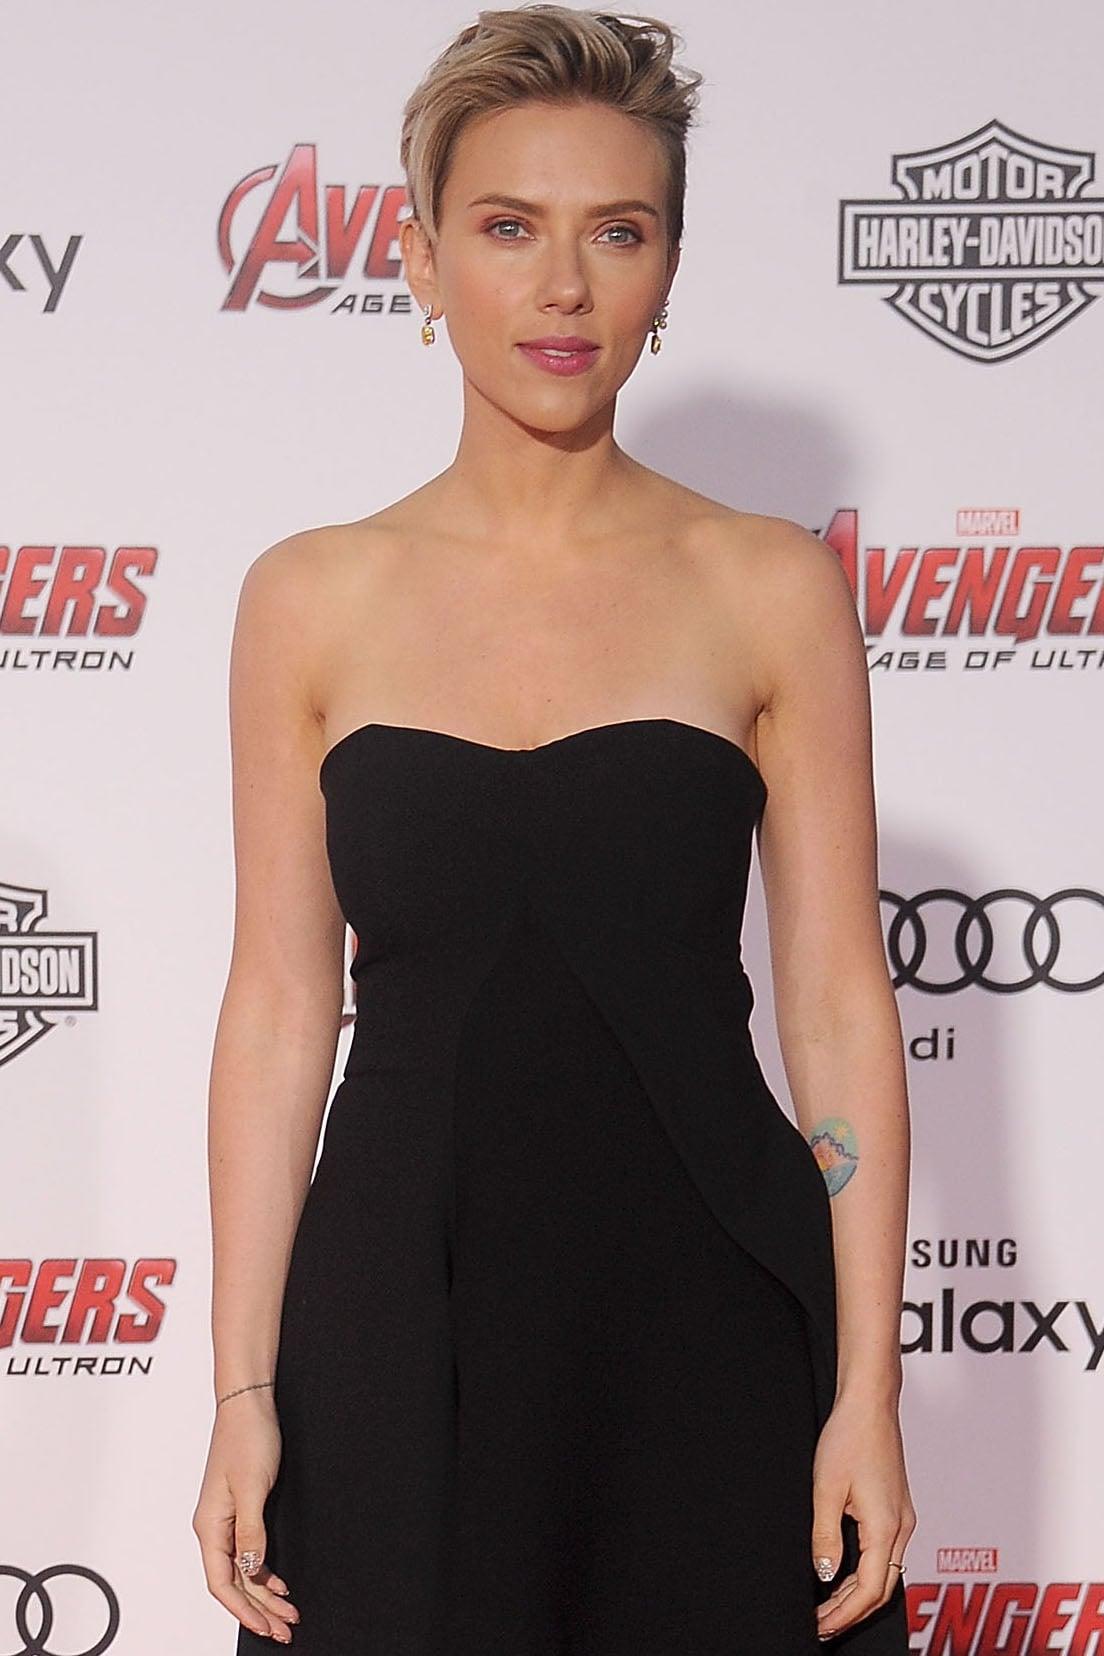 Scarlett Johansson As Natasha Romanoff Black Widow Brush